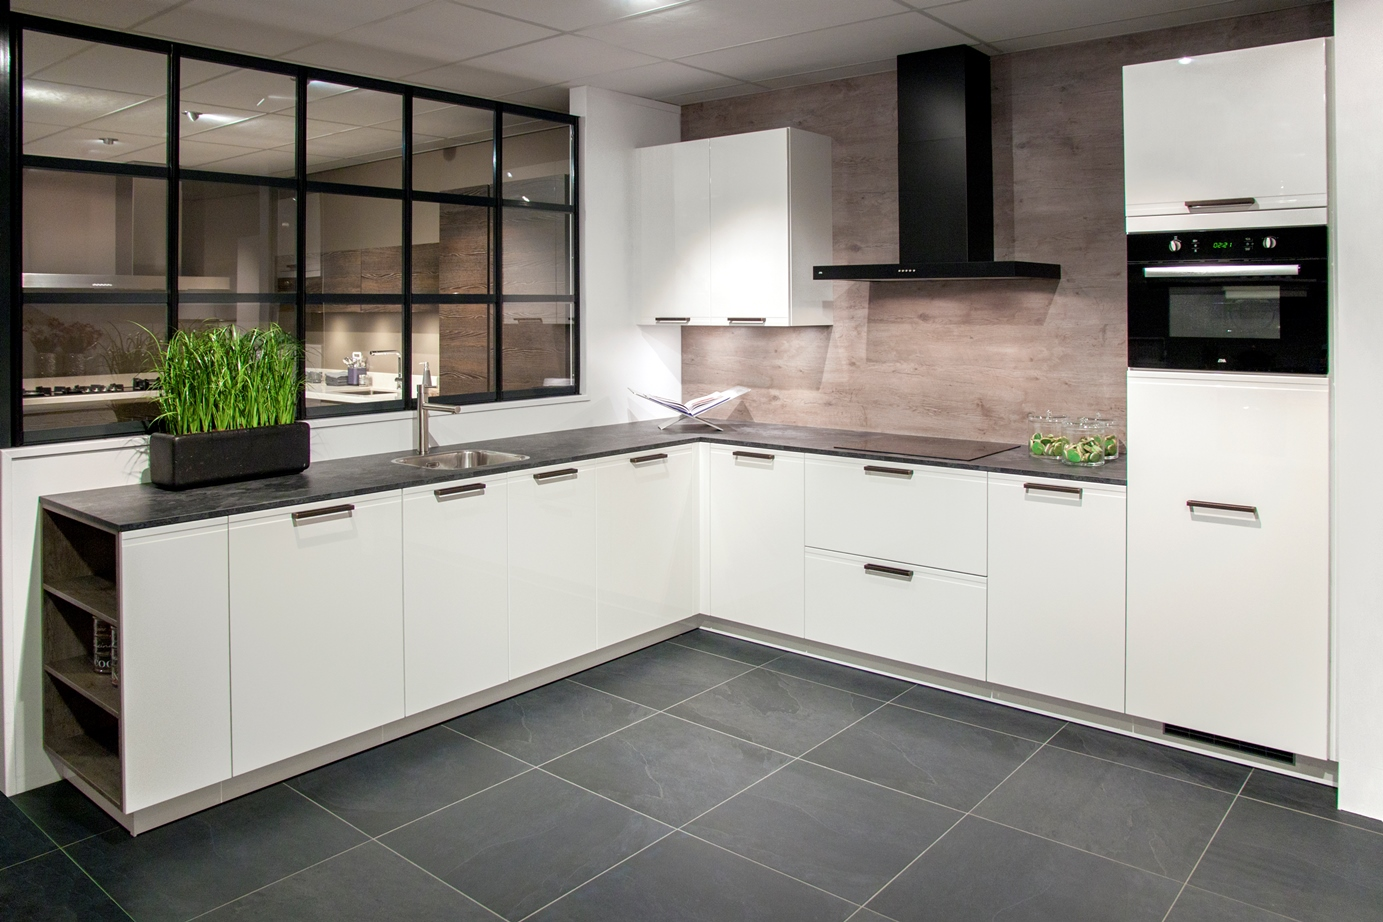 Goedkope Keukens Duitsland : Goedkope keukenapparatuur goedkope db keukens